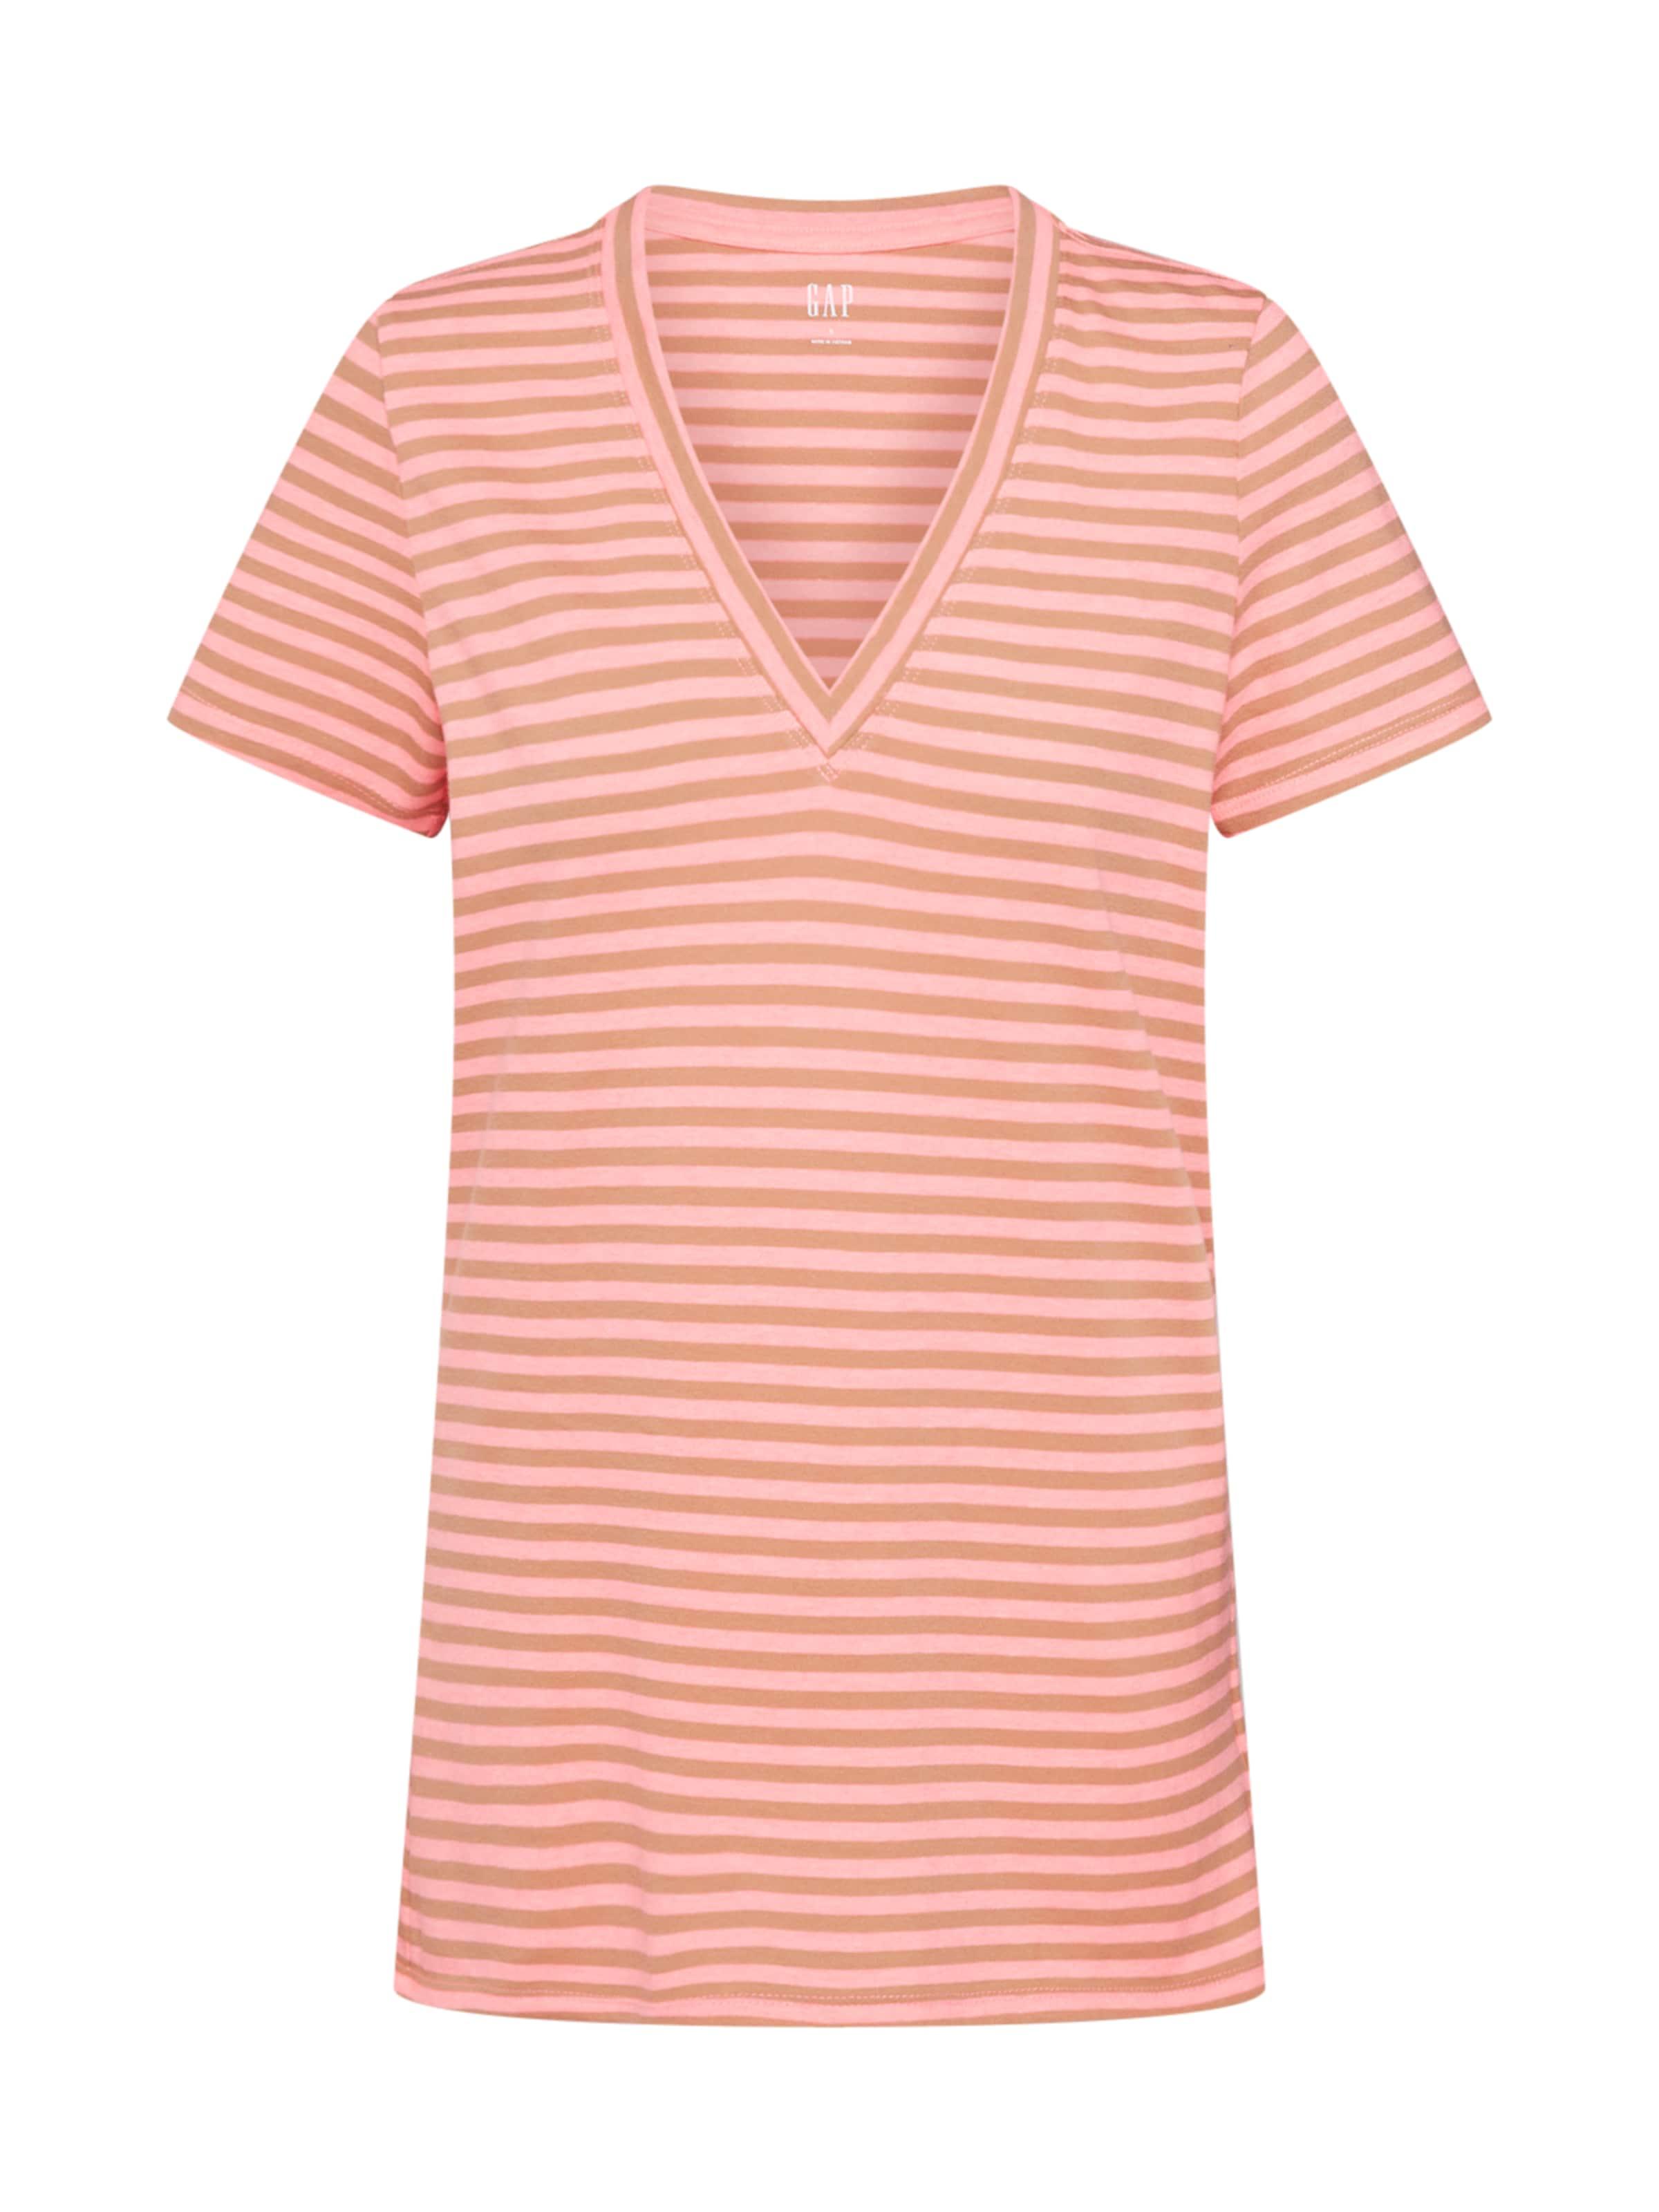 Vint Vnk Gap Str' In Shirt Rib Pink 'ss cTFKJ31l